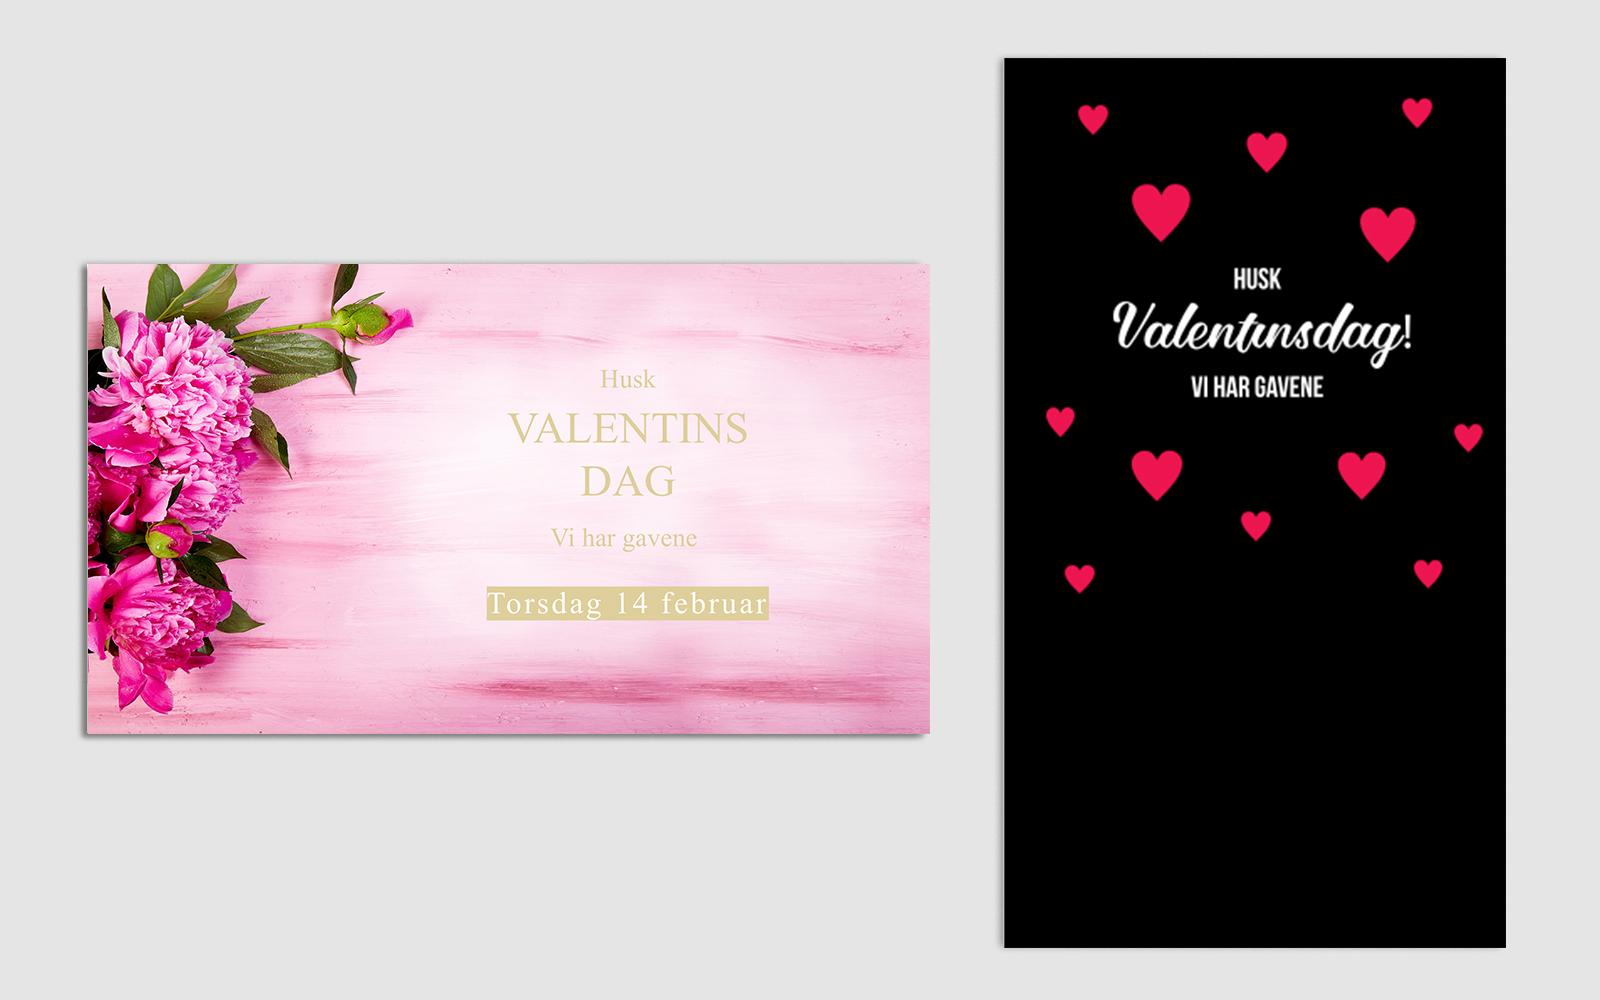 Valentins_digital_signage